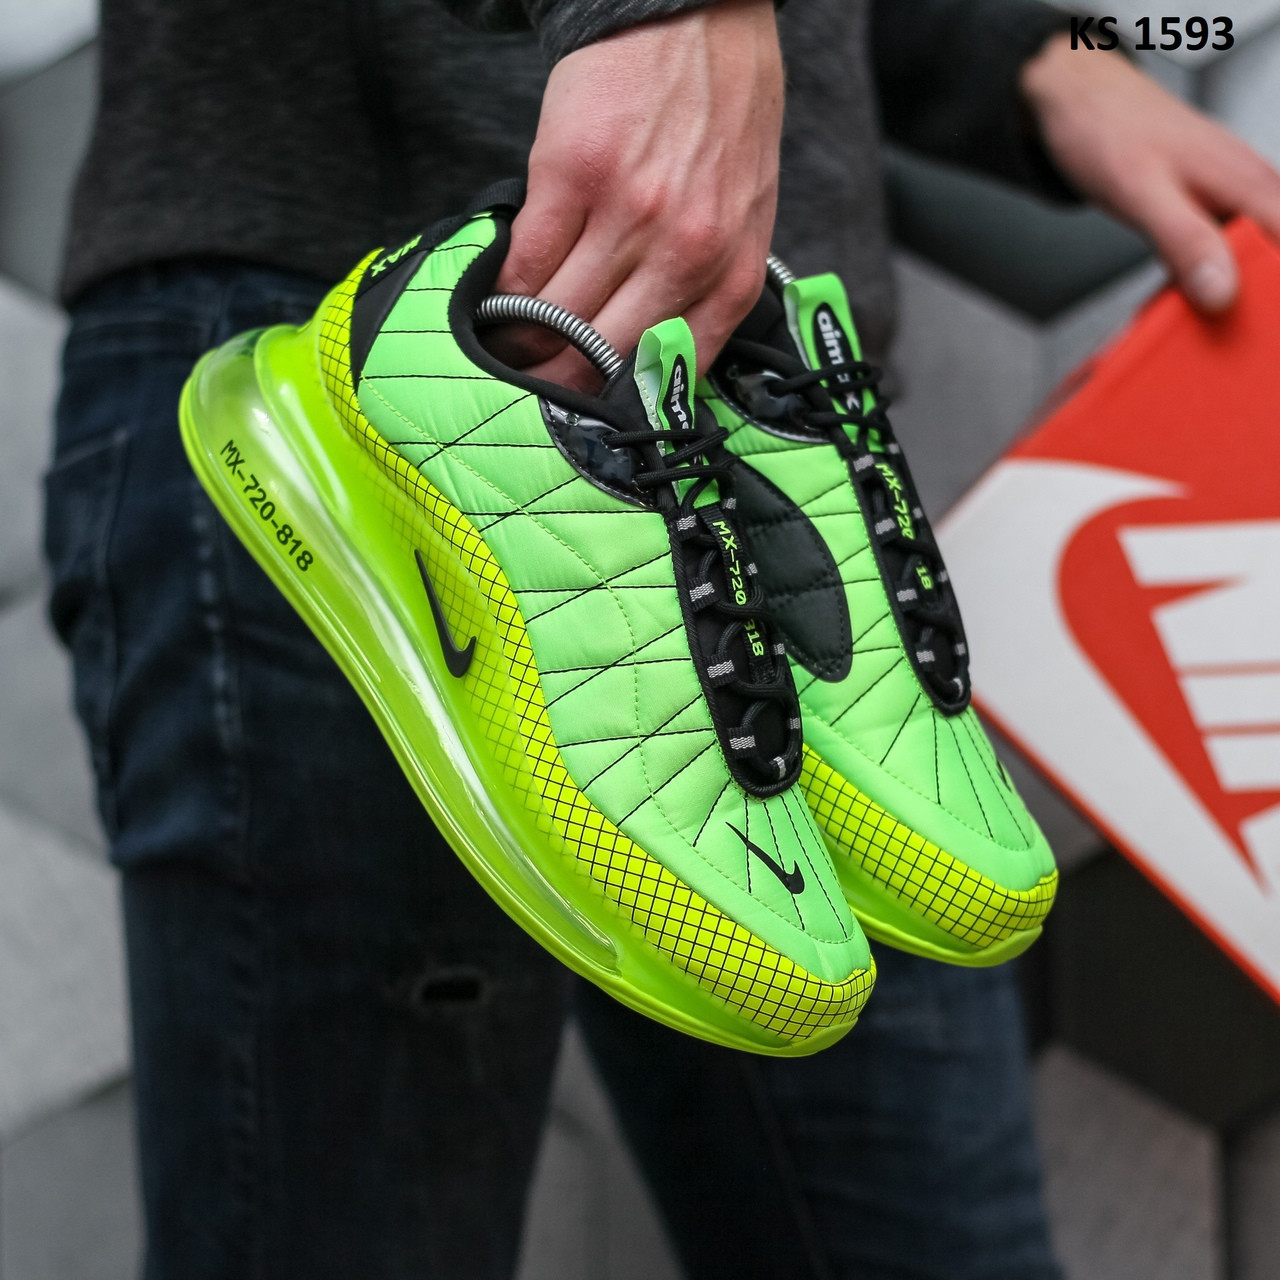 Мужские кроссовки Nike Air Max AM720-818 (зеленые) KS 1593